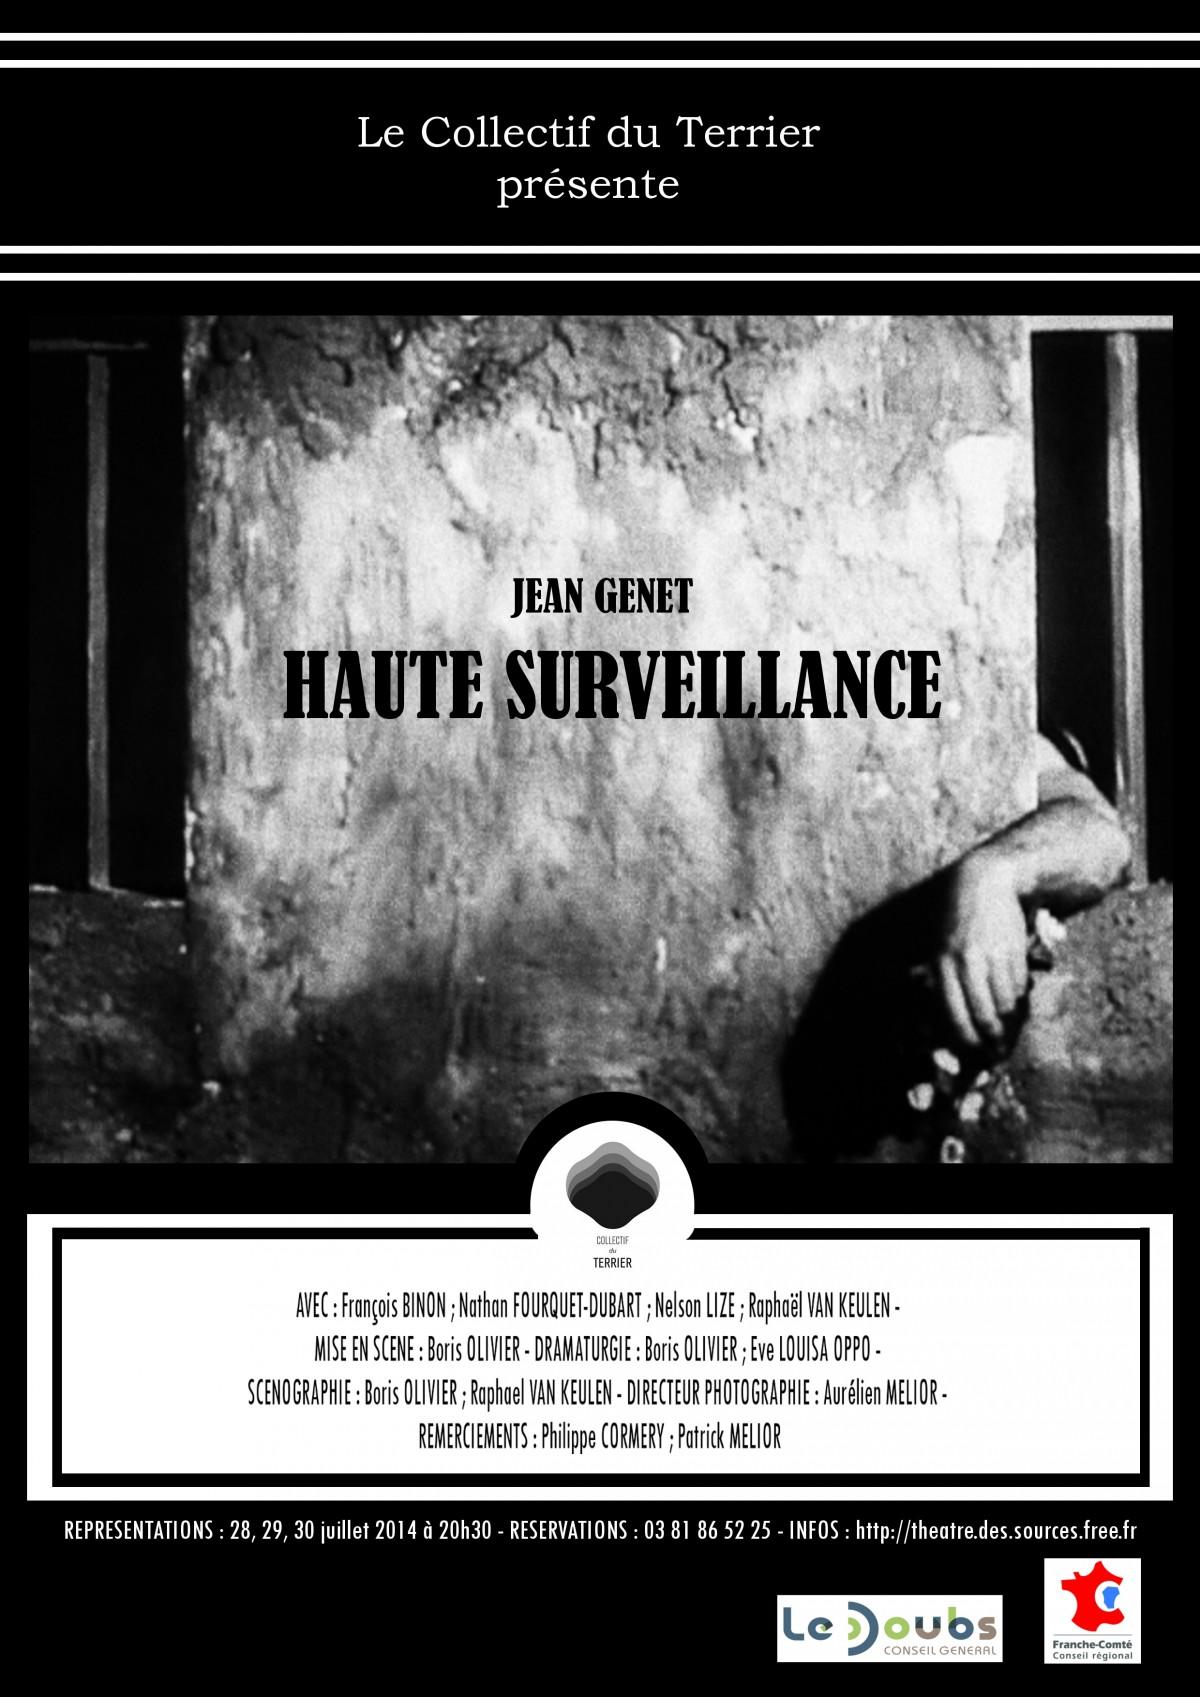 Haute surveillance de Jean Genet, une création du Collectif du Terrier